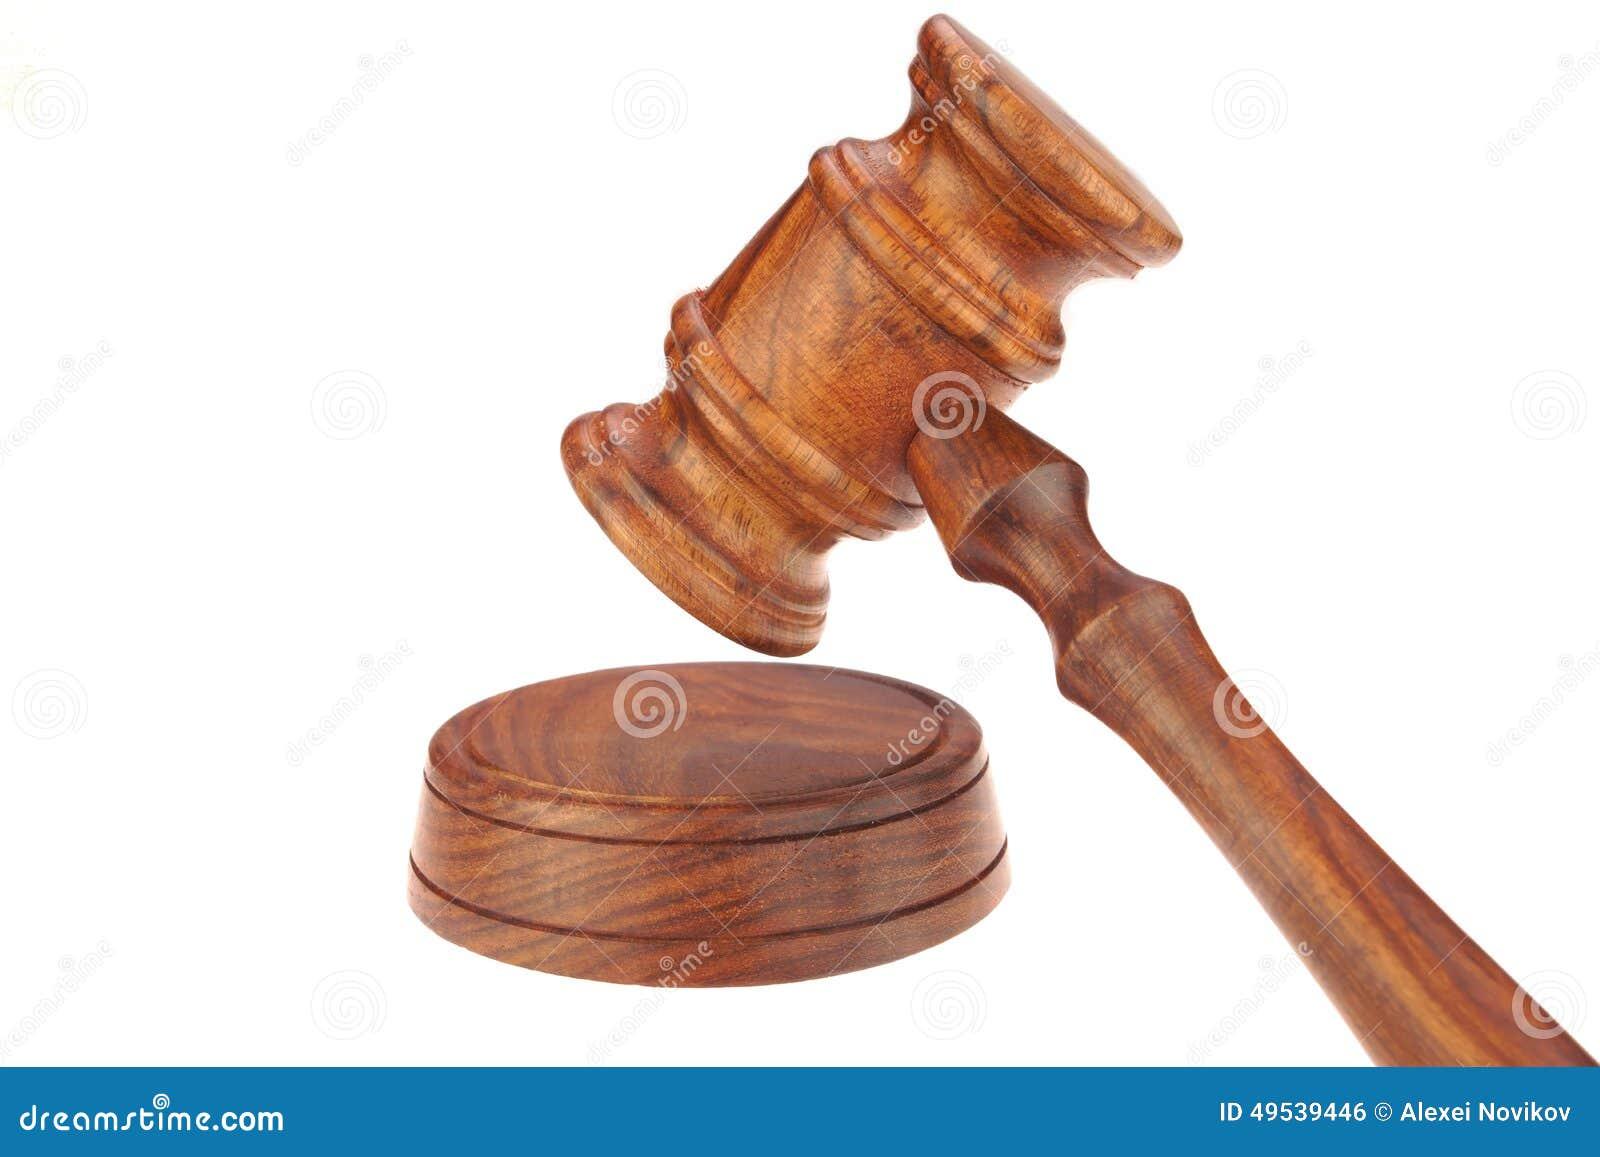 法官或主席或拍卖人硬木惊堂木